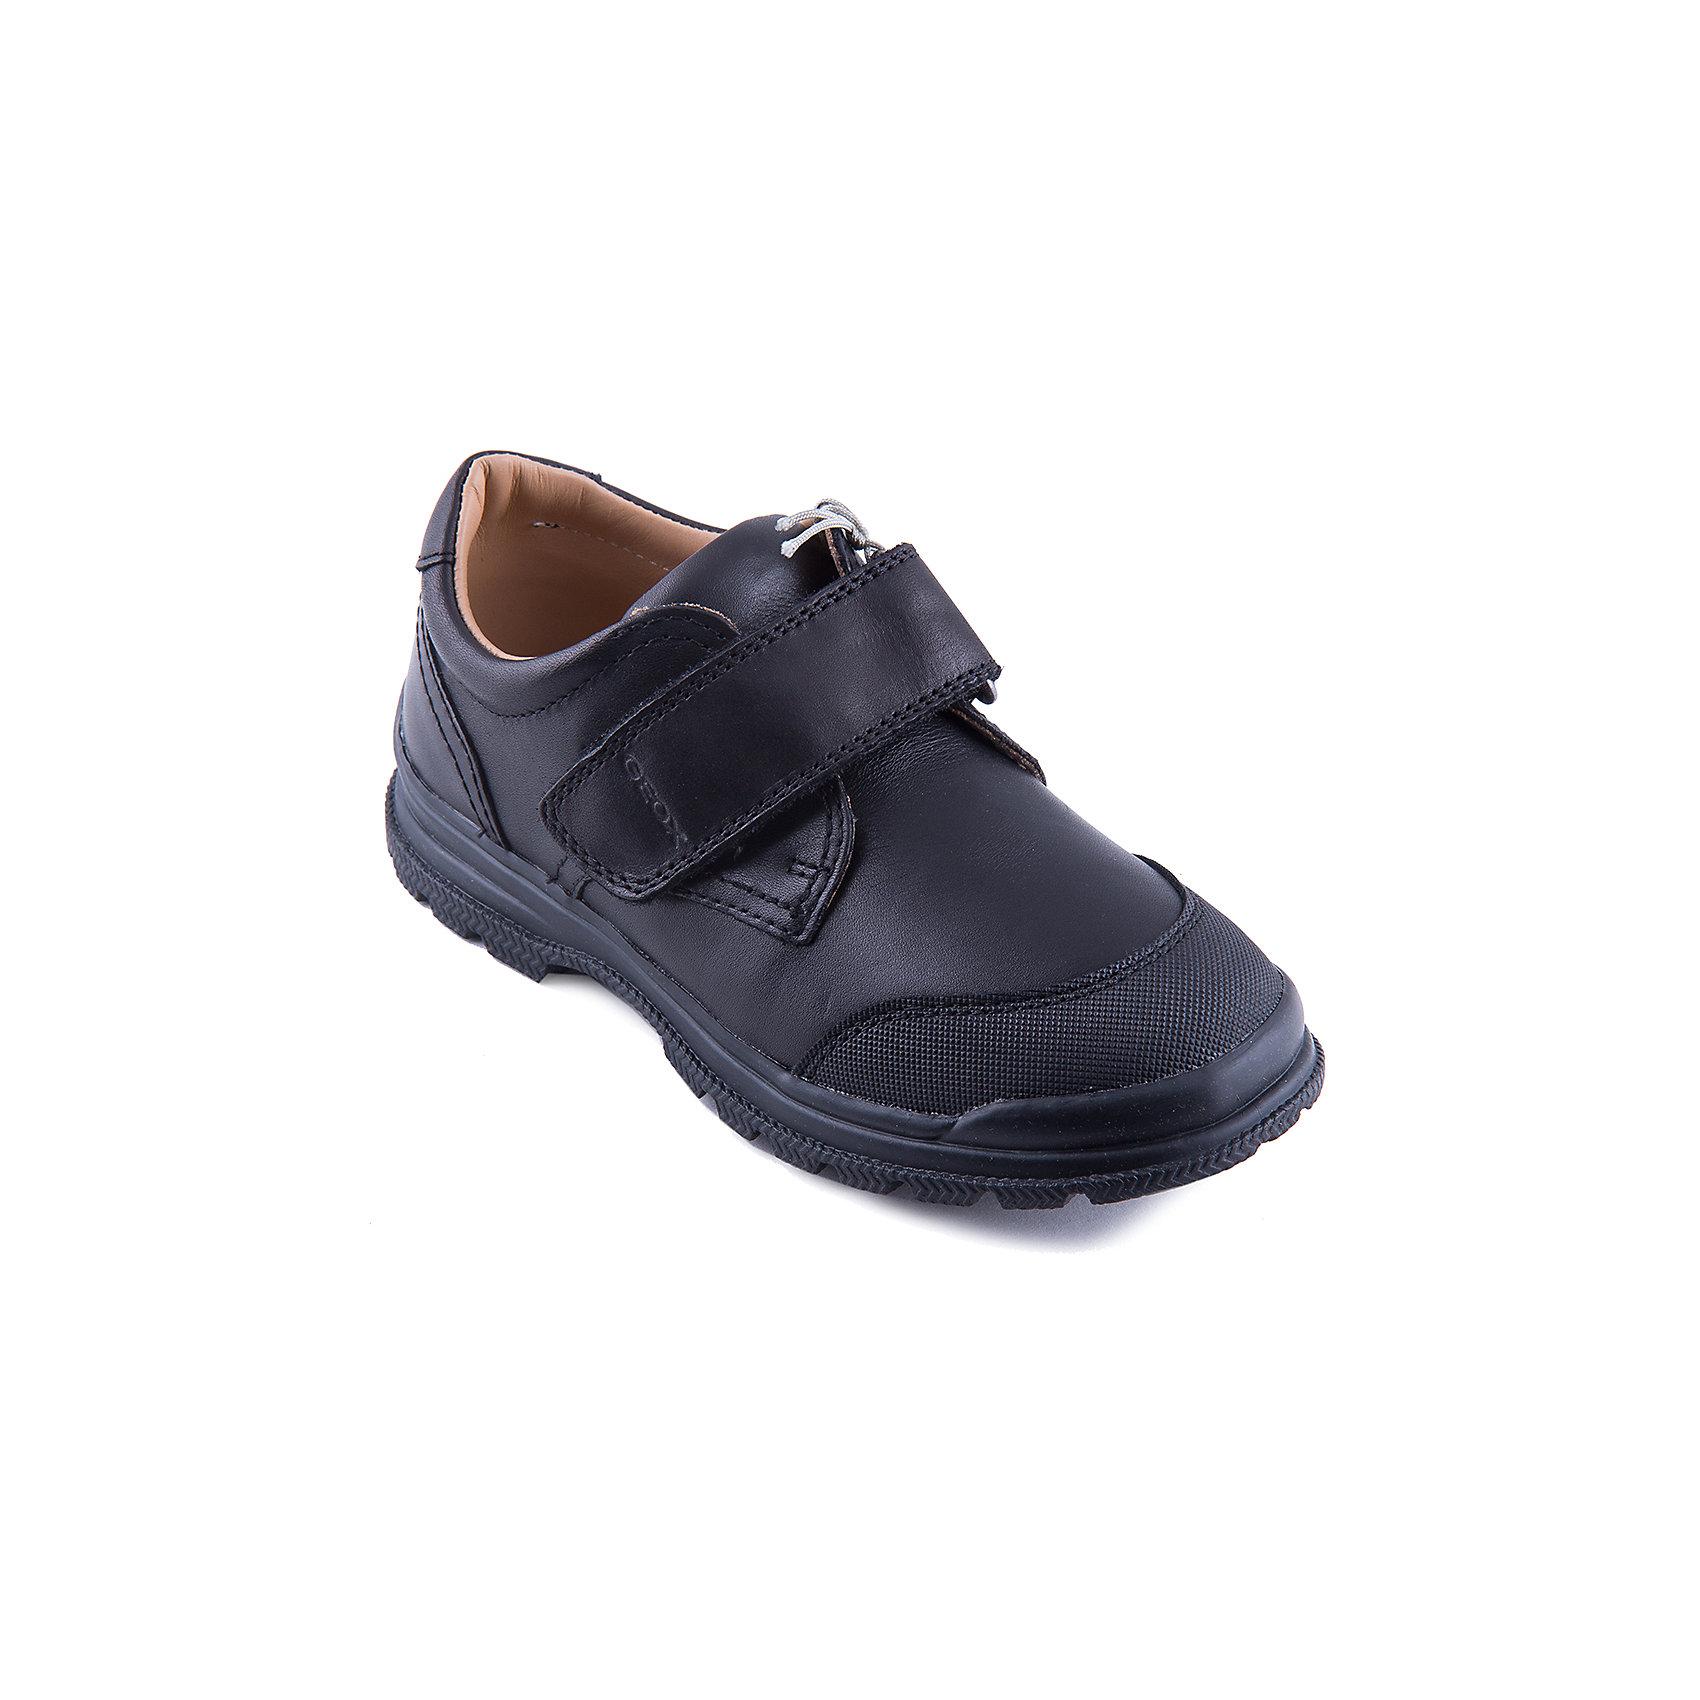 Полуботиник для мальчика GEOXПолуботинки для мальчика от известного бренда GEOX обязательно понравятся юным модникам. Ботинки имеют специальную дышащую систему вентиляции, обеспечивающую постоянную циркуляцию воздуха, не допускающую промокания обуви. Модель черного цвета имеет рифленую подошву, прекрасно сочетается с любыми предметами гардероба, застегивается на липучку.  <br><br>Дополнительная информация:<br><br>- Тип застежки: липучка. <br>- Цвет: черный.<br>- Сезон: осень/весна. <br>- Температурный режим: от 10?до 20?.<br><br>Состав:<br>- Верх: натуральная кожа.<br>- Подкладка: натуральная кожа.<br>- Подошва: резина.<br>- Стелька: натуральная кожа.<br><br>Ботинки для мальчика GEOX (Геокс), можно купить в нашем магазине.<br><br>Ширина мм: 227<br>Глубина мм: 145<br>Высота мм: 124<br>Вес г: 325<br>Цвет: черный<br>Возраст от месяцев: 108<br>Возраст до месяцев: 120<br>Пол: Мужской<br>Возраст: Детский<br>Размер: 33,39,37,32,34,31,35,36,38<br>SKU: 4178975